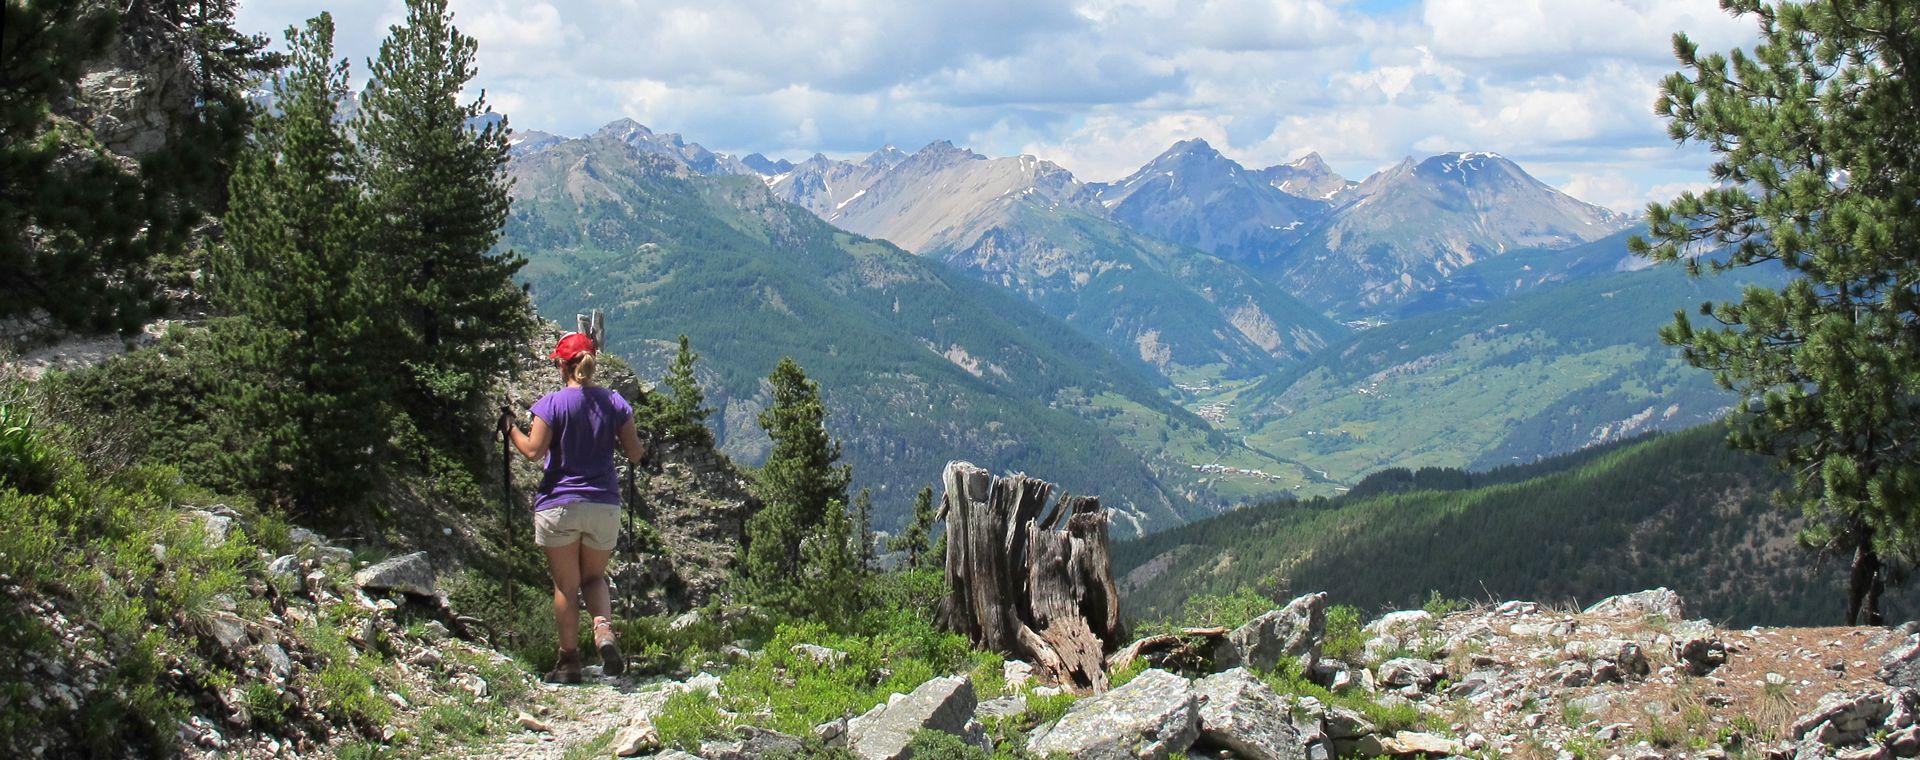 Voyage à pied : Tour du Queyras en gîtes